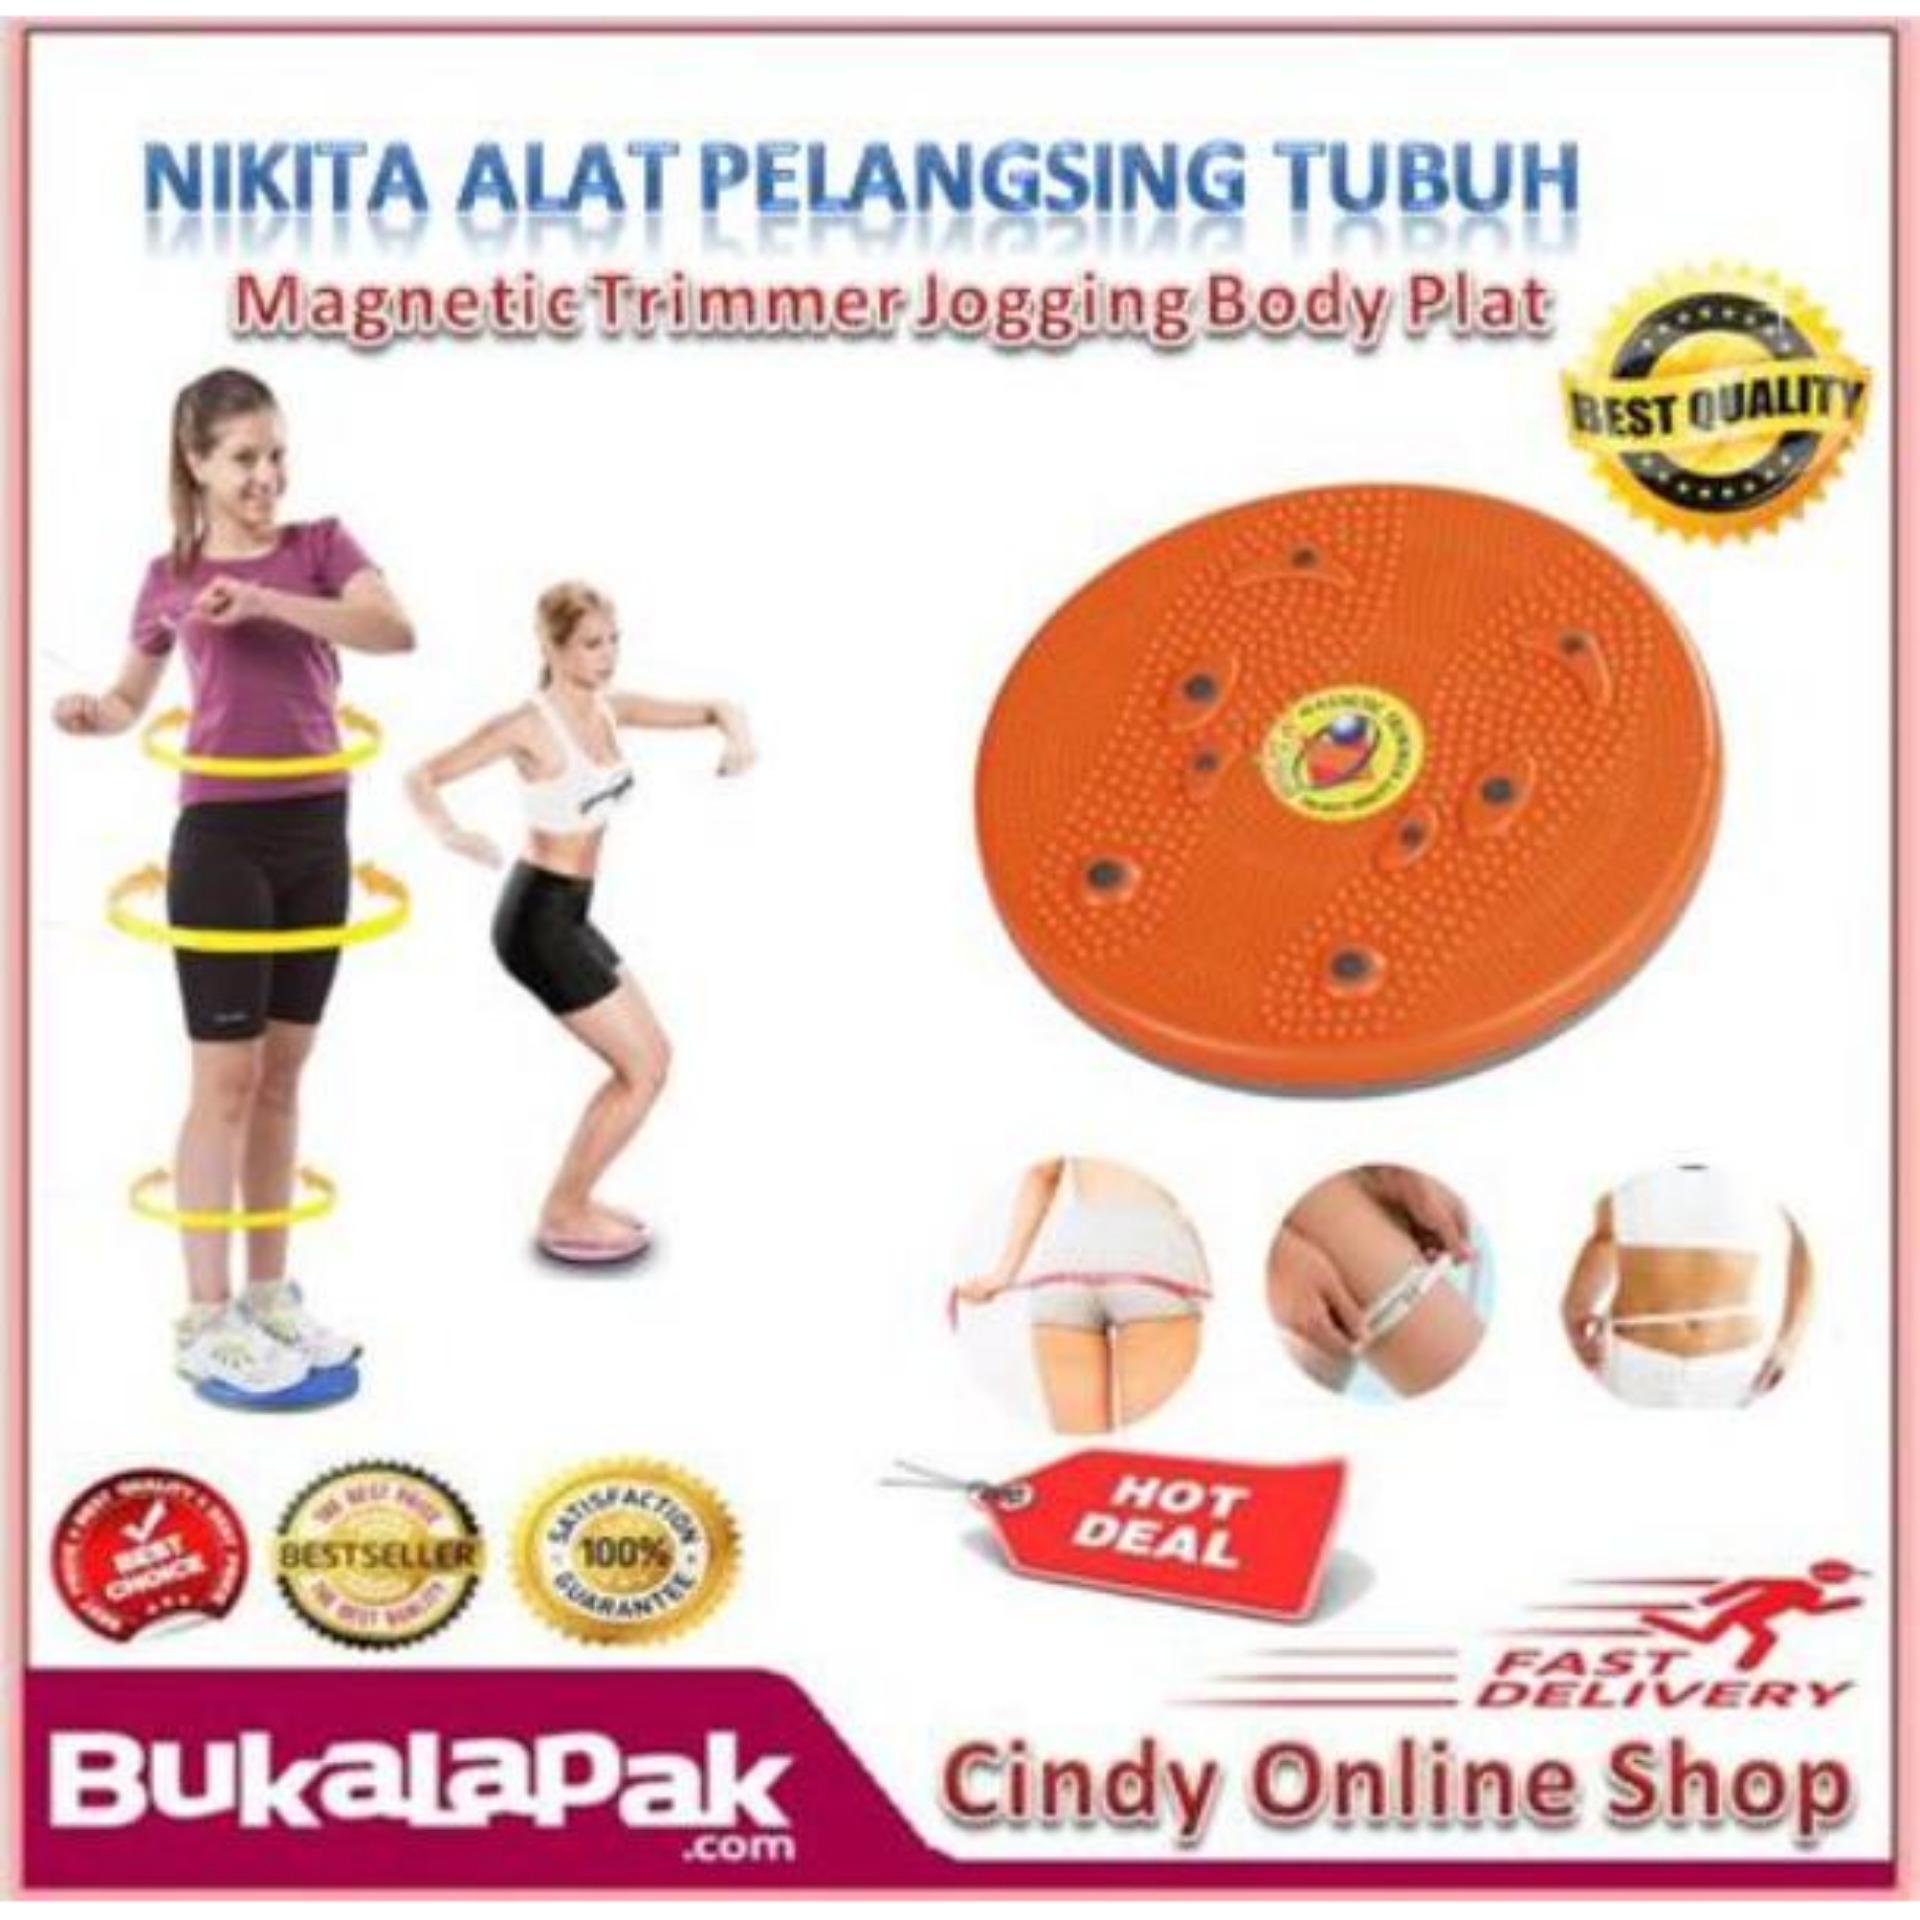 ... Nikita Alat Pelangsing Tubuh Magnetic Trimmer Jogging Body Plate ...